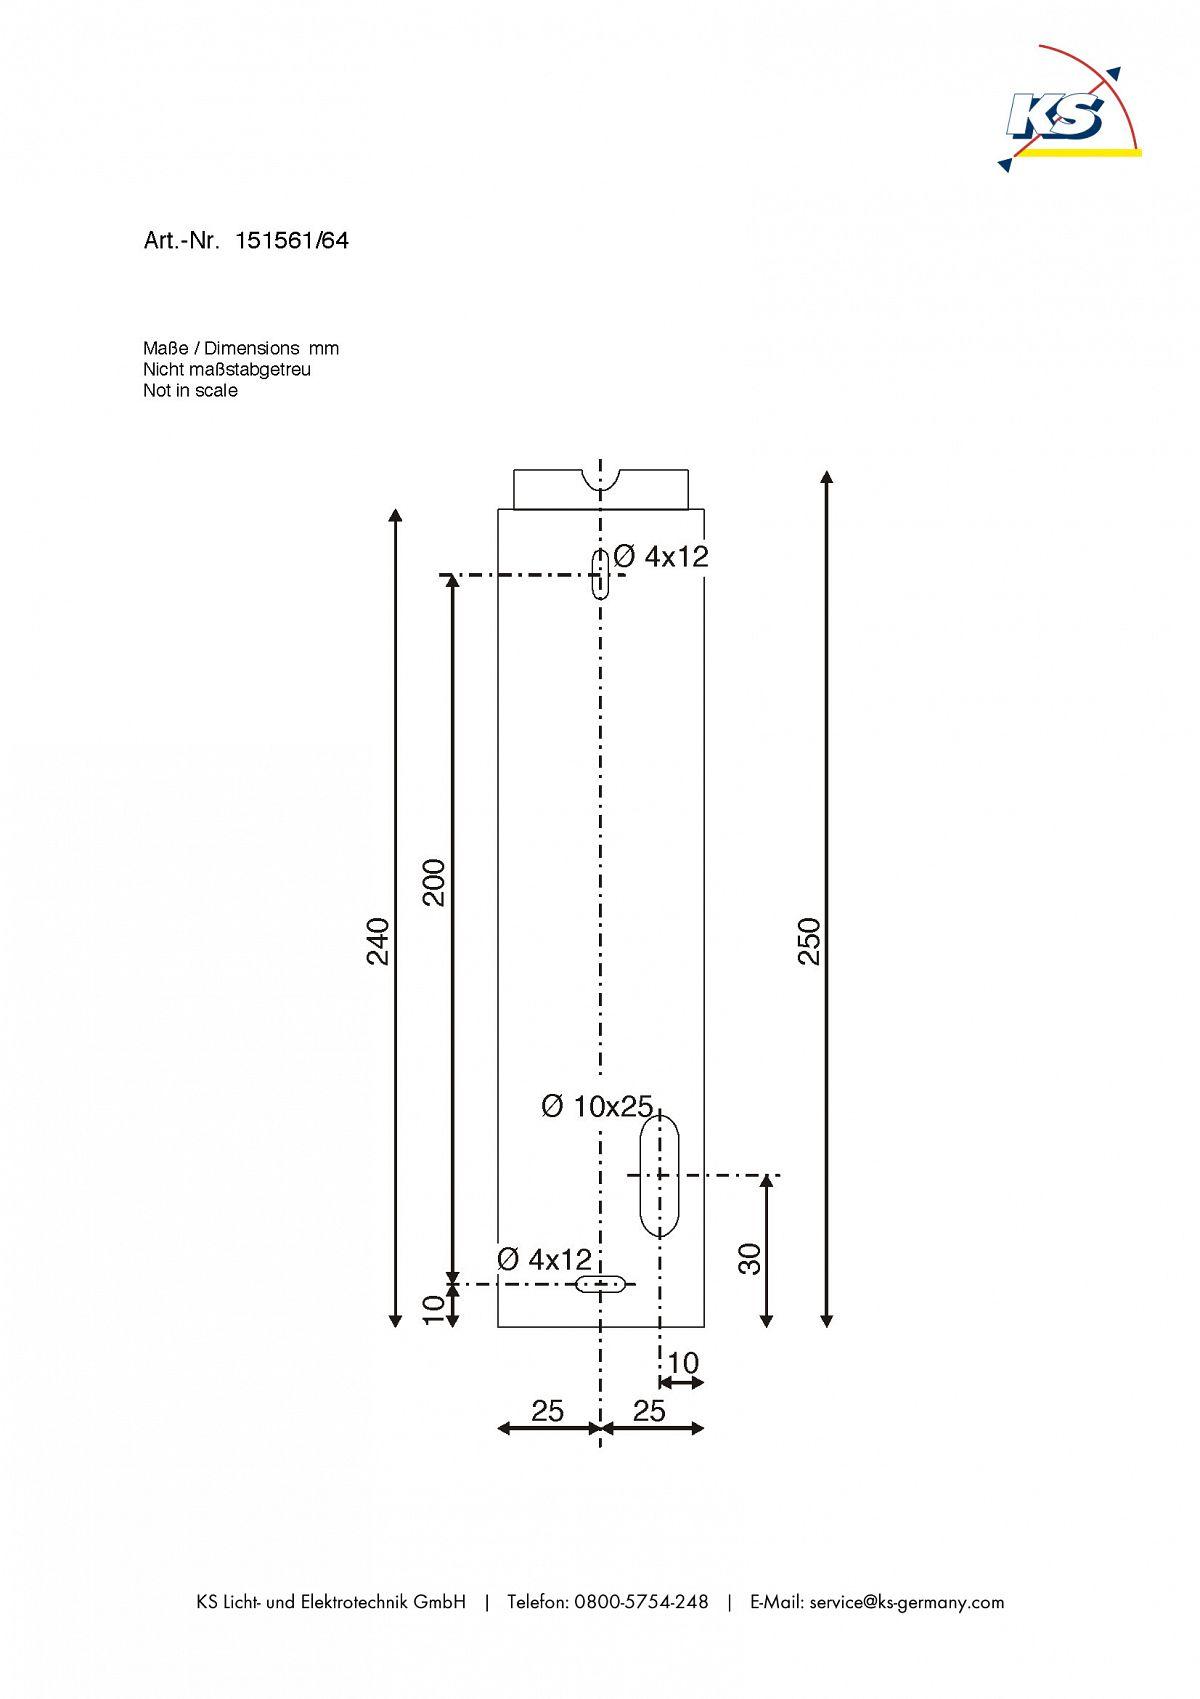 wandleuchte altra dice wl 2 gu10 max 50w silbergrau schwarz ks licht onlineshop leuchten. Black Bedroom Furniture Sets. Home Design Ideas